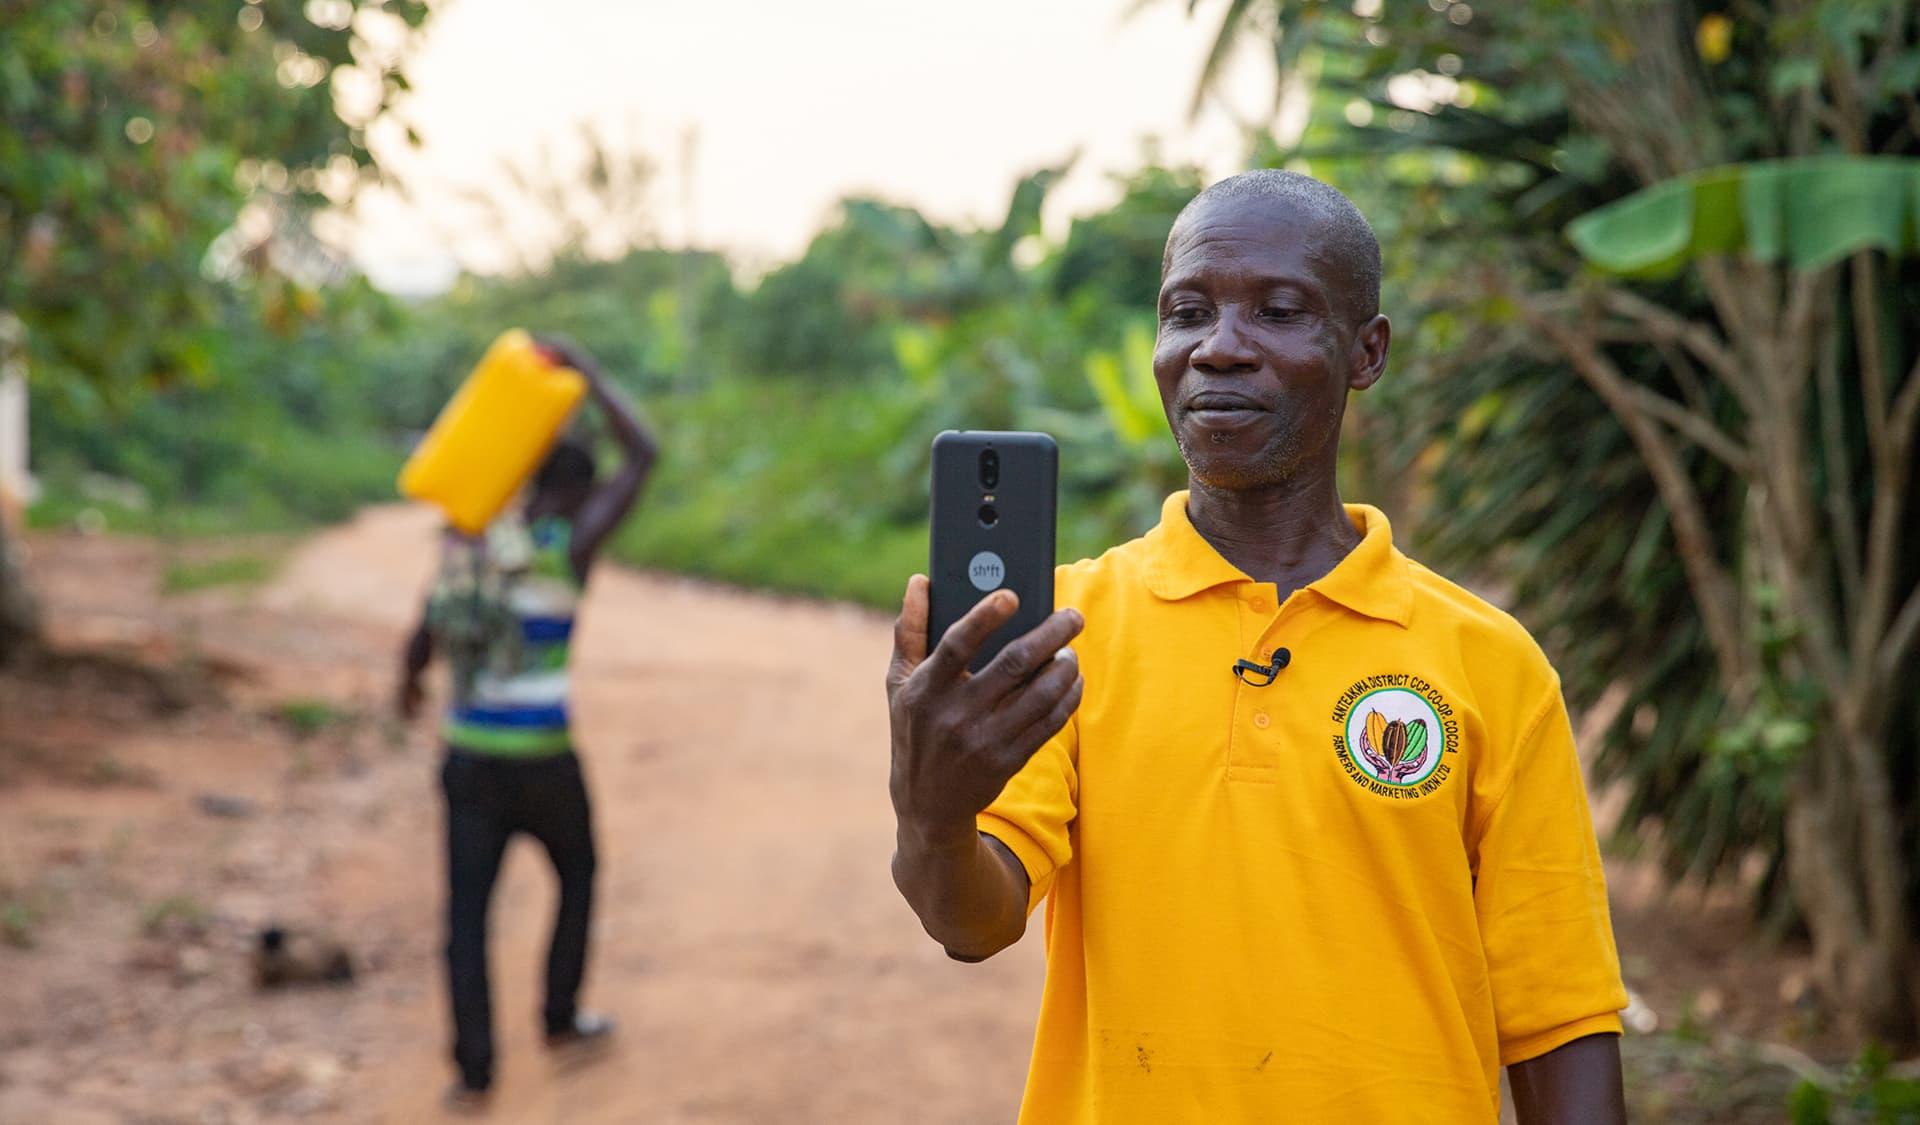 George Ansah filt sich mit Smartphone